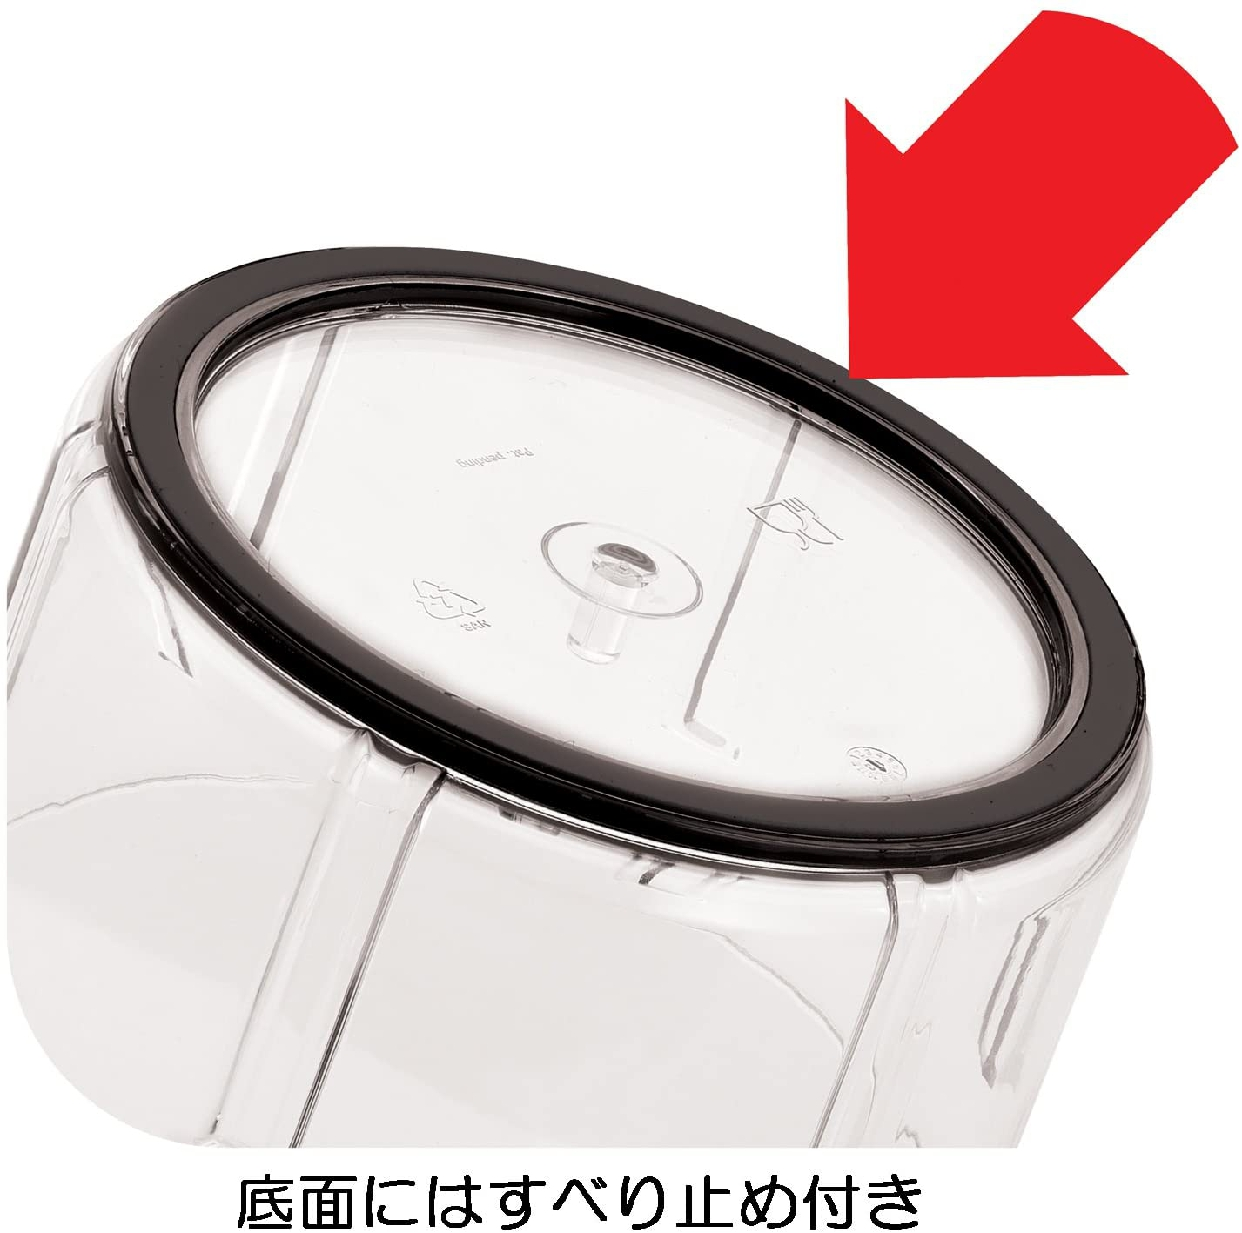 T-fal(ティファール)マルチみじん切り器「ハンディチョッパー・ネオ」 500ml K13704 ホワイトの商品画像2